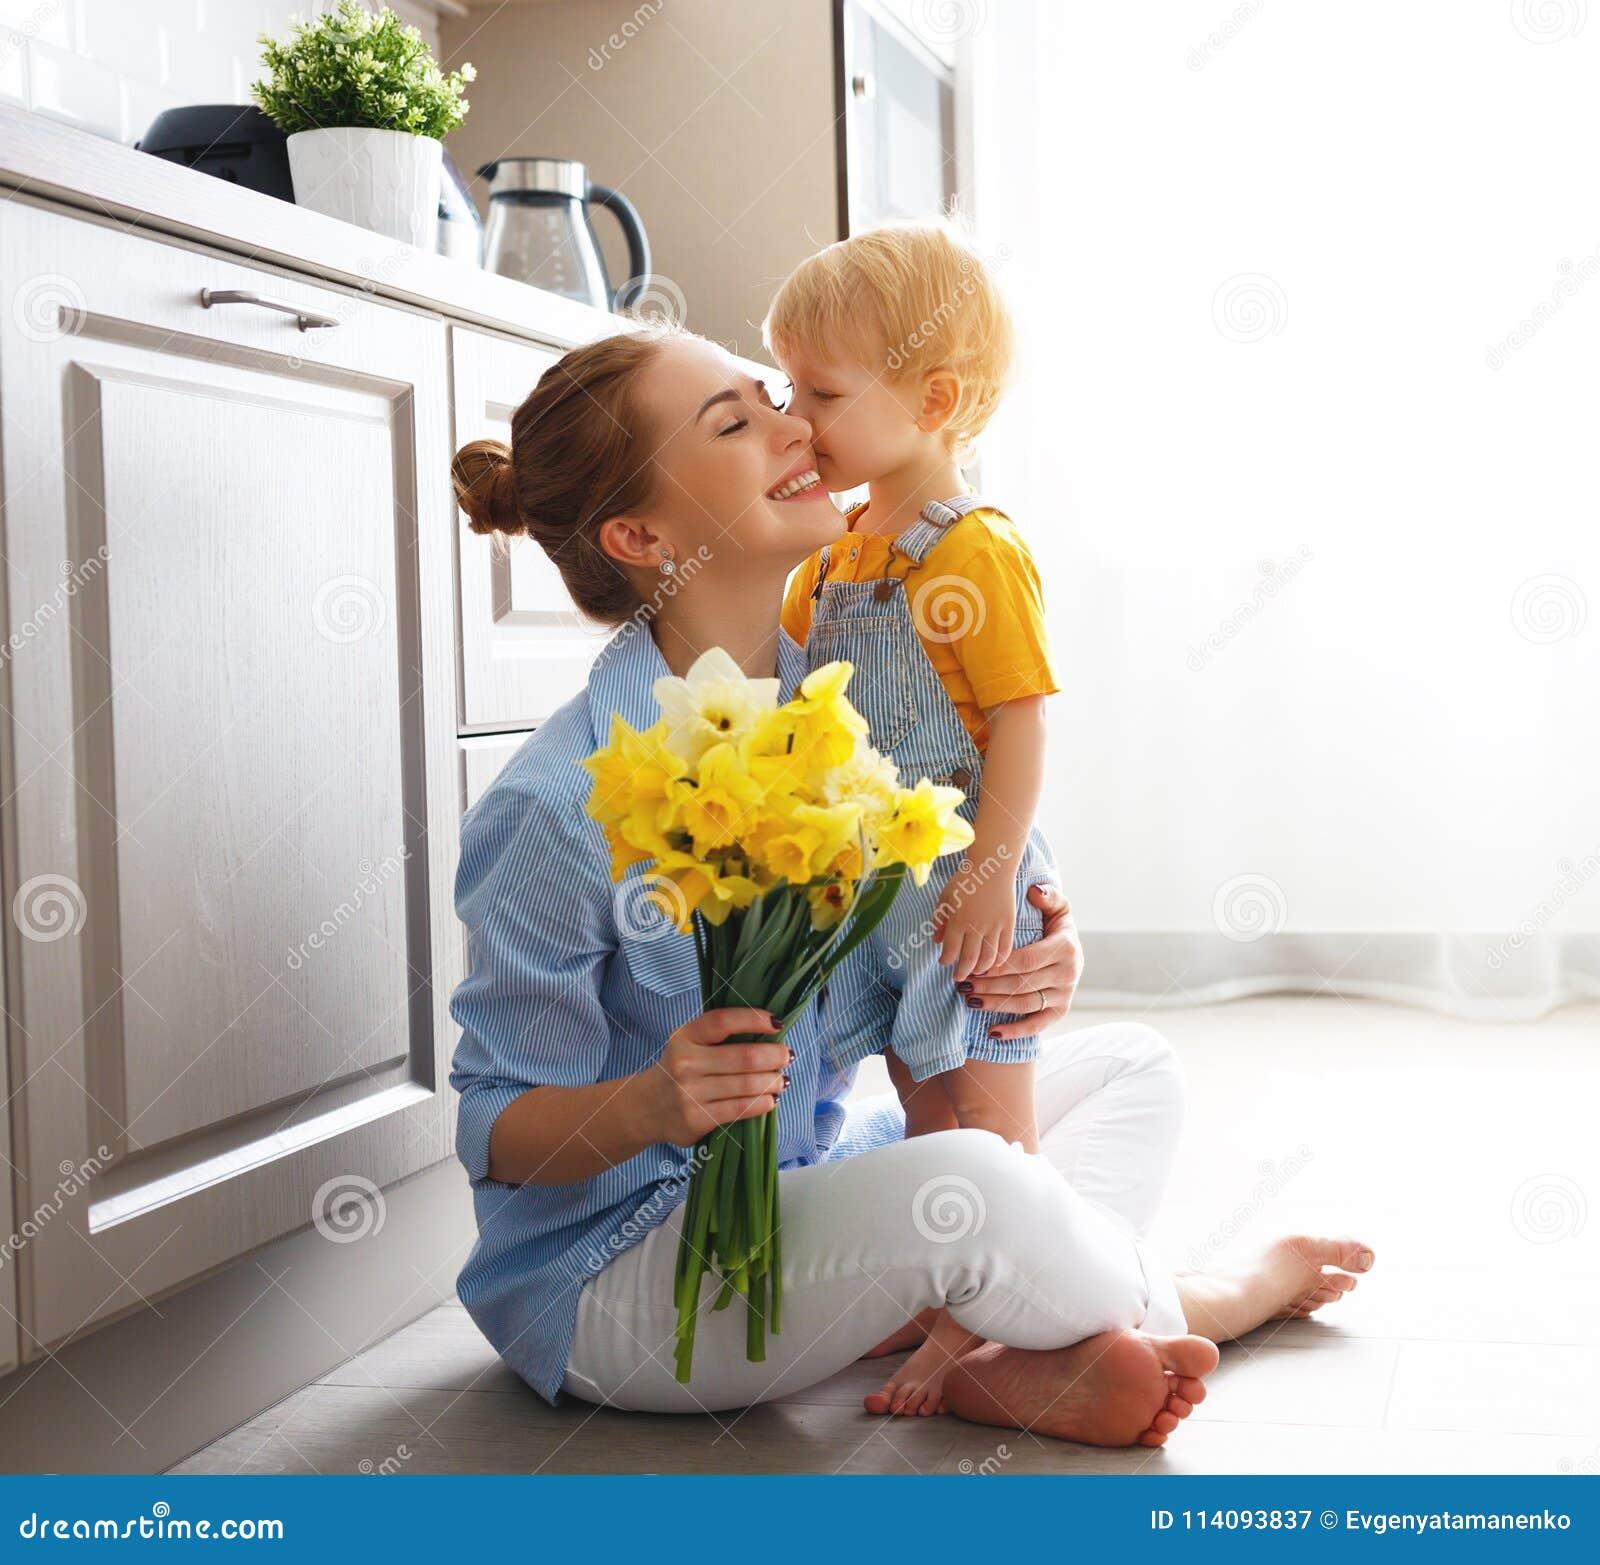 Ευτυχής ημέρα μητέρων ` s! ο γιος μωρών δίνει τη μητέρα flowersfor στις διακοπές